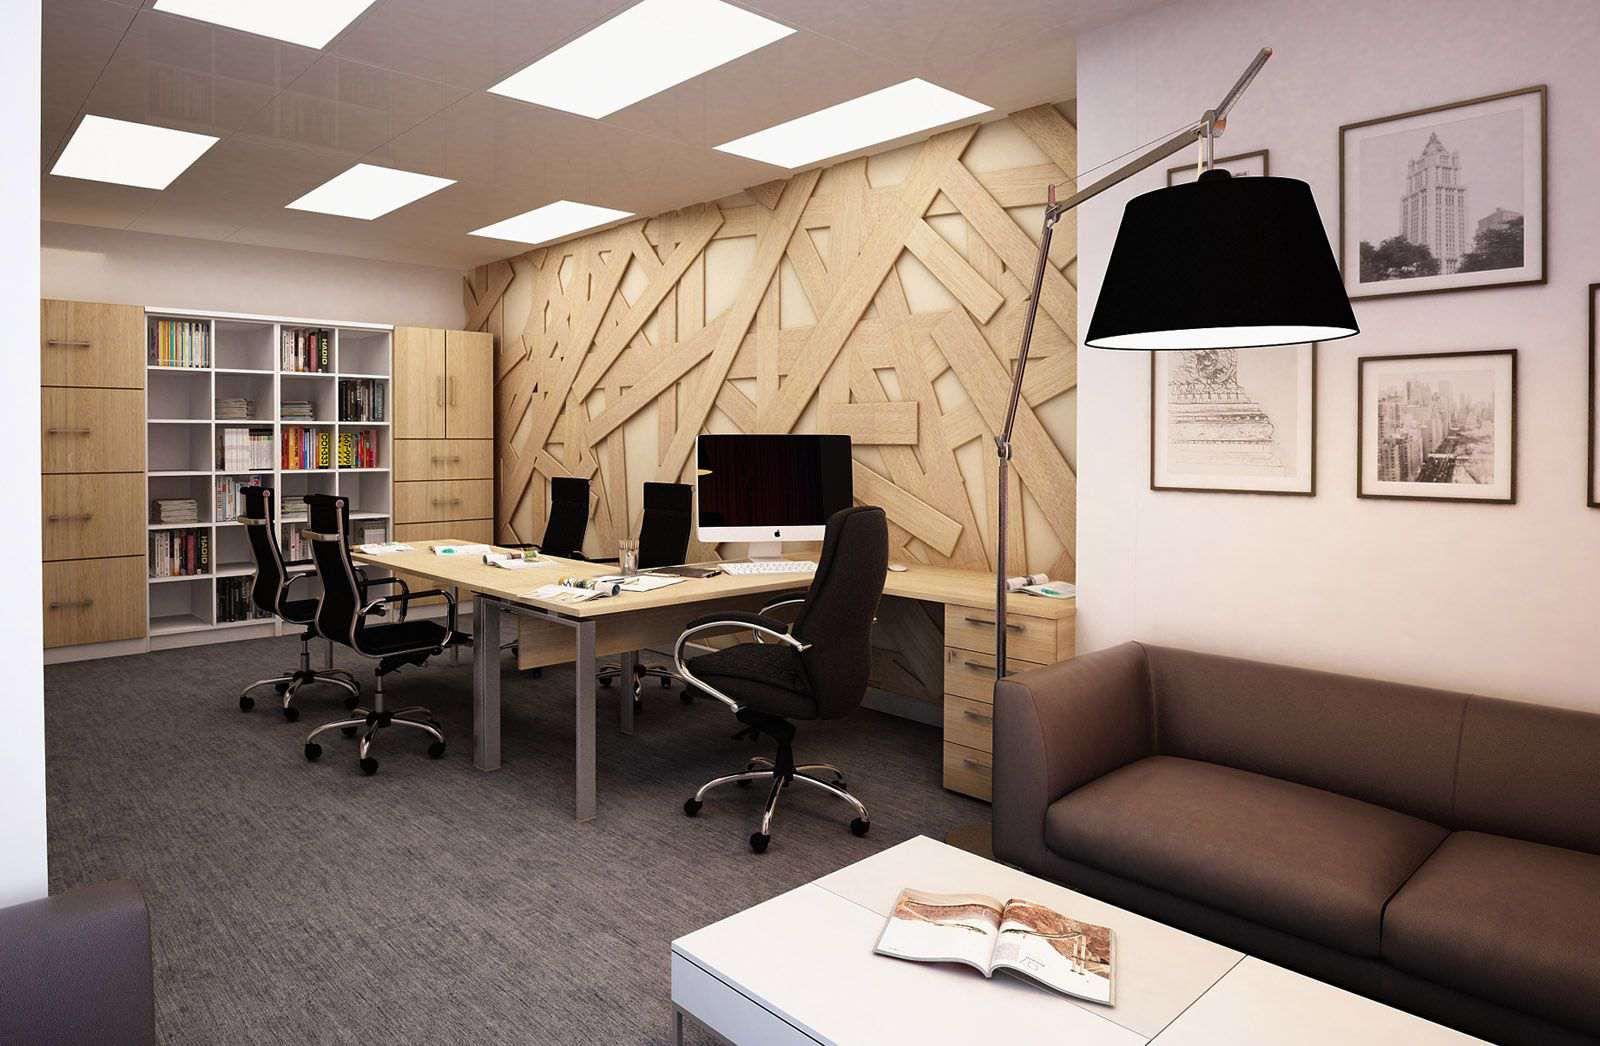 Интерьер офисного кабинета со стойками для посетителей в отдела кадров